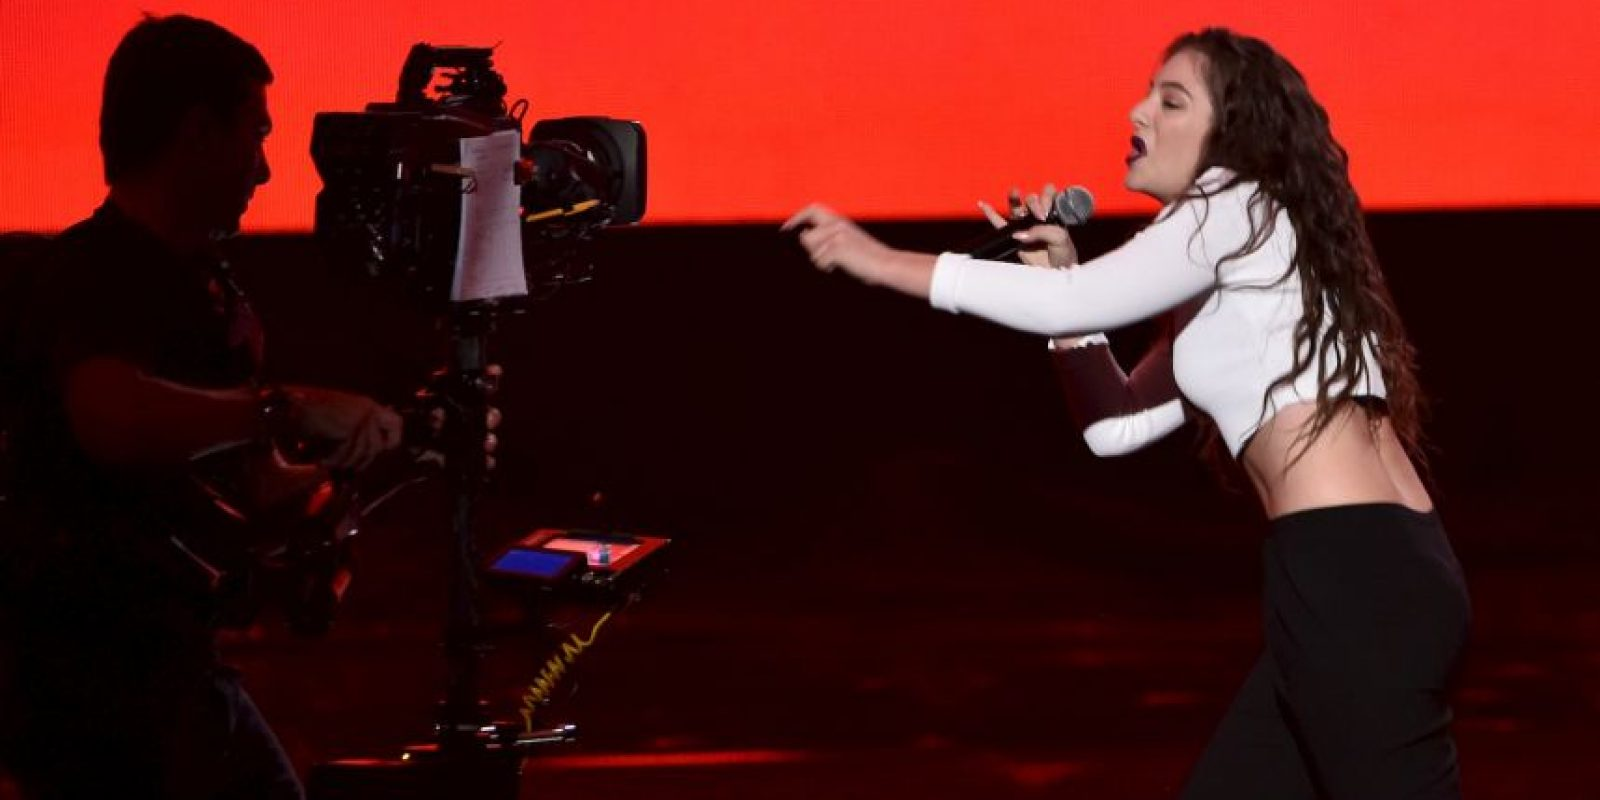 """Su primer single, """"Royals"""", alcanzó el top 10 en más de 20 países Foto:Getty Images"""